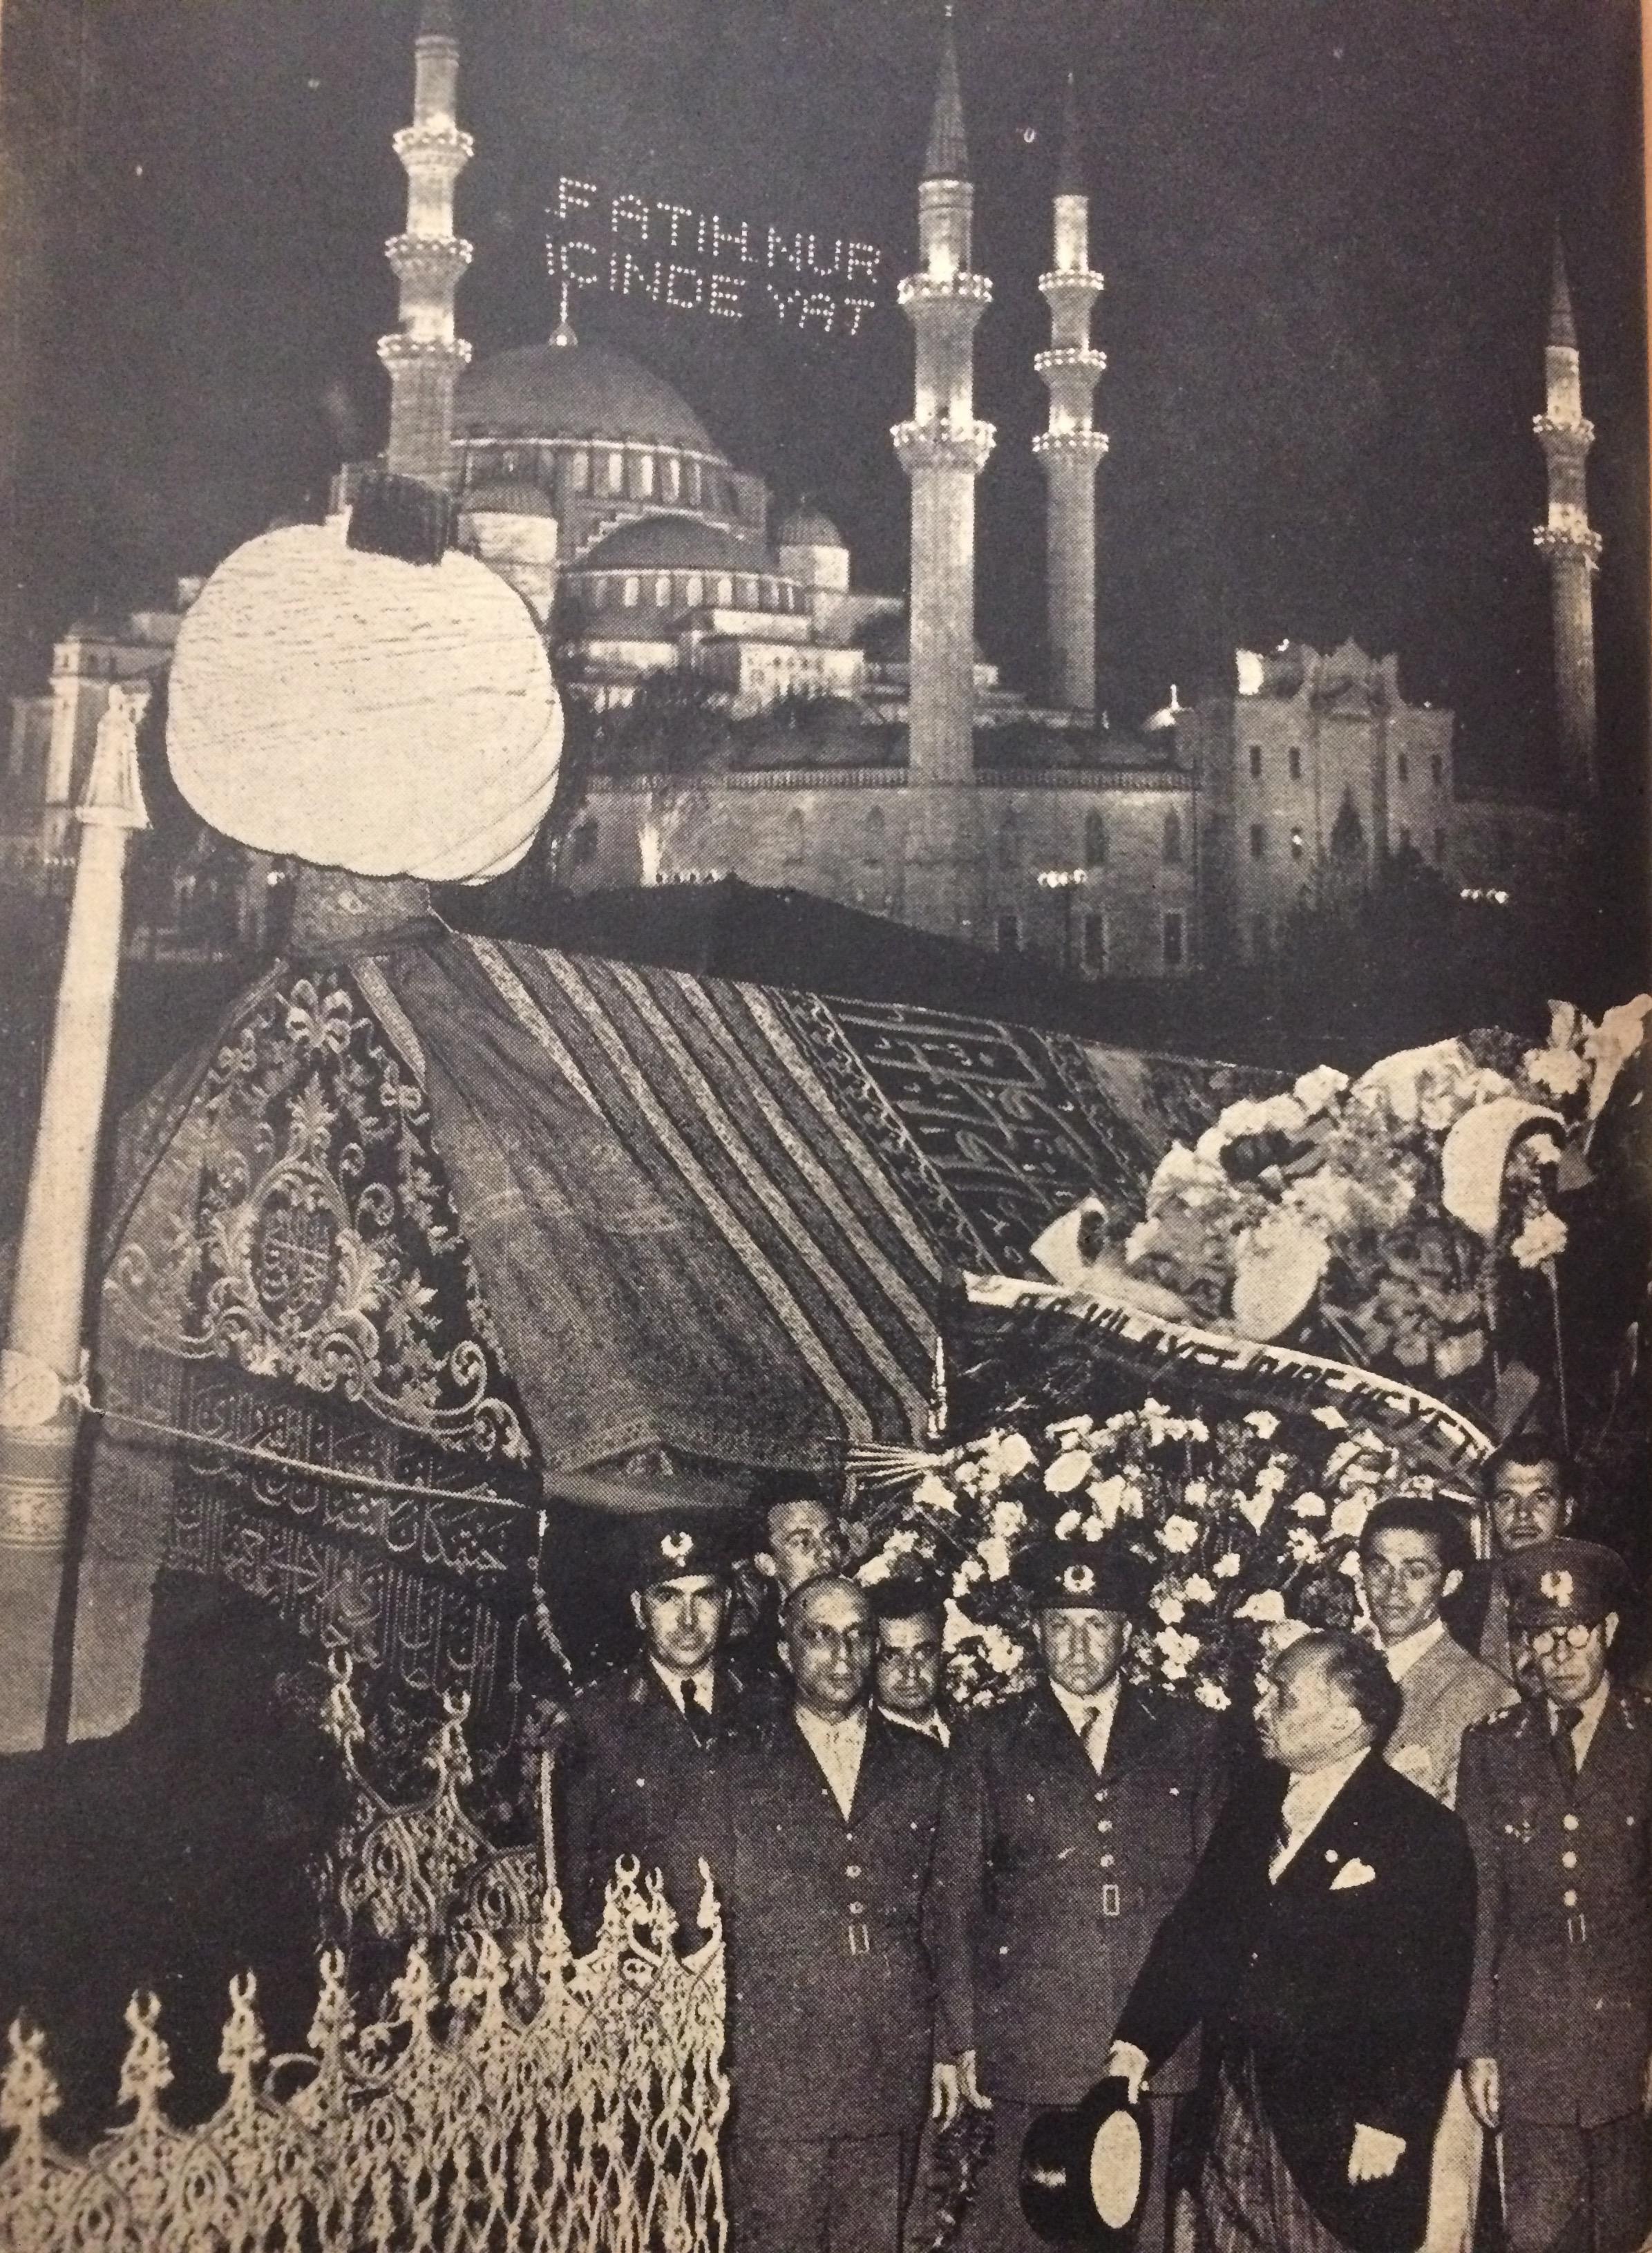 500'üncü Fetih Yılı Şenlikleri Kolajı- Fatih'in sandukası, protokol  ve mahya